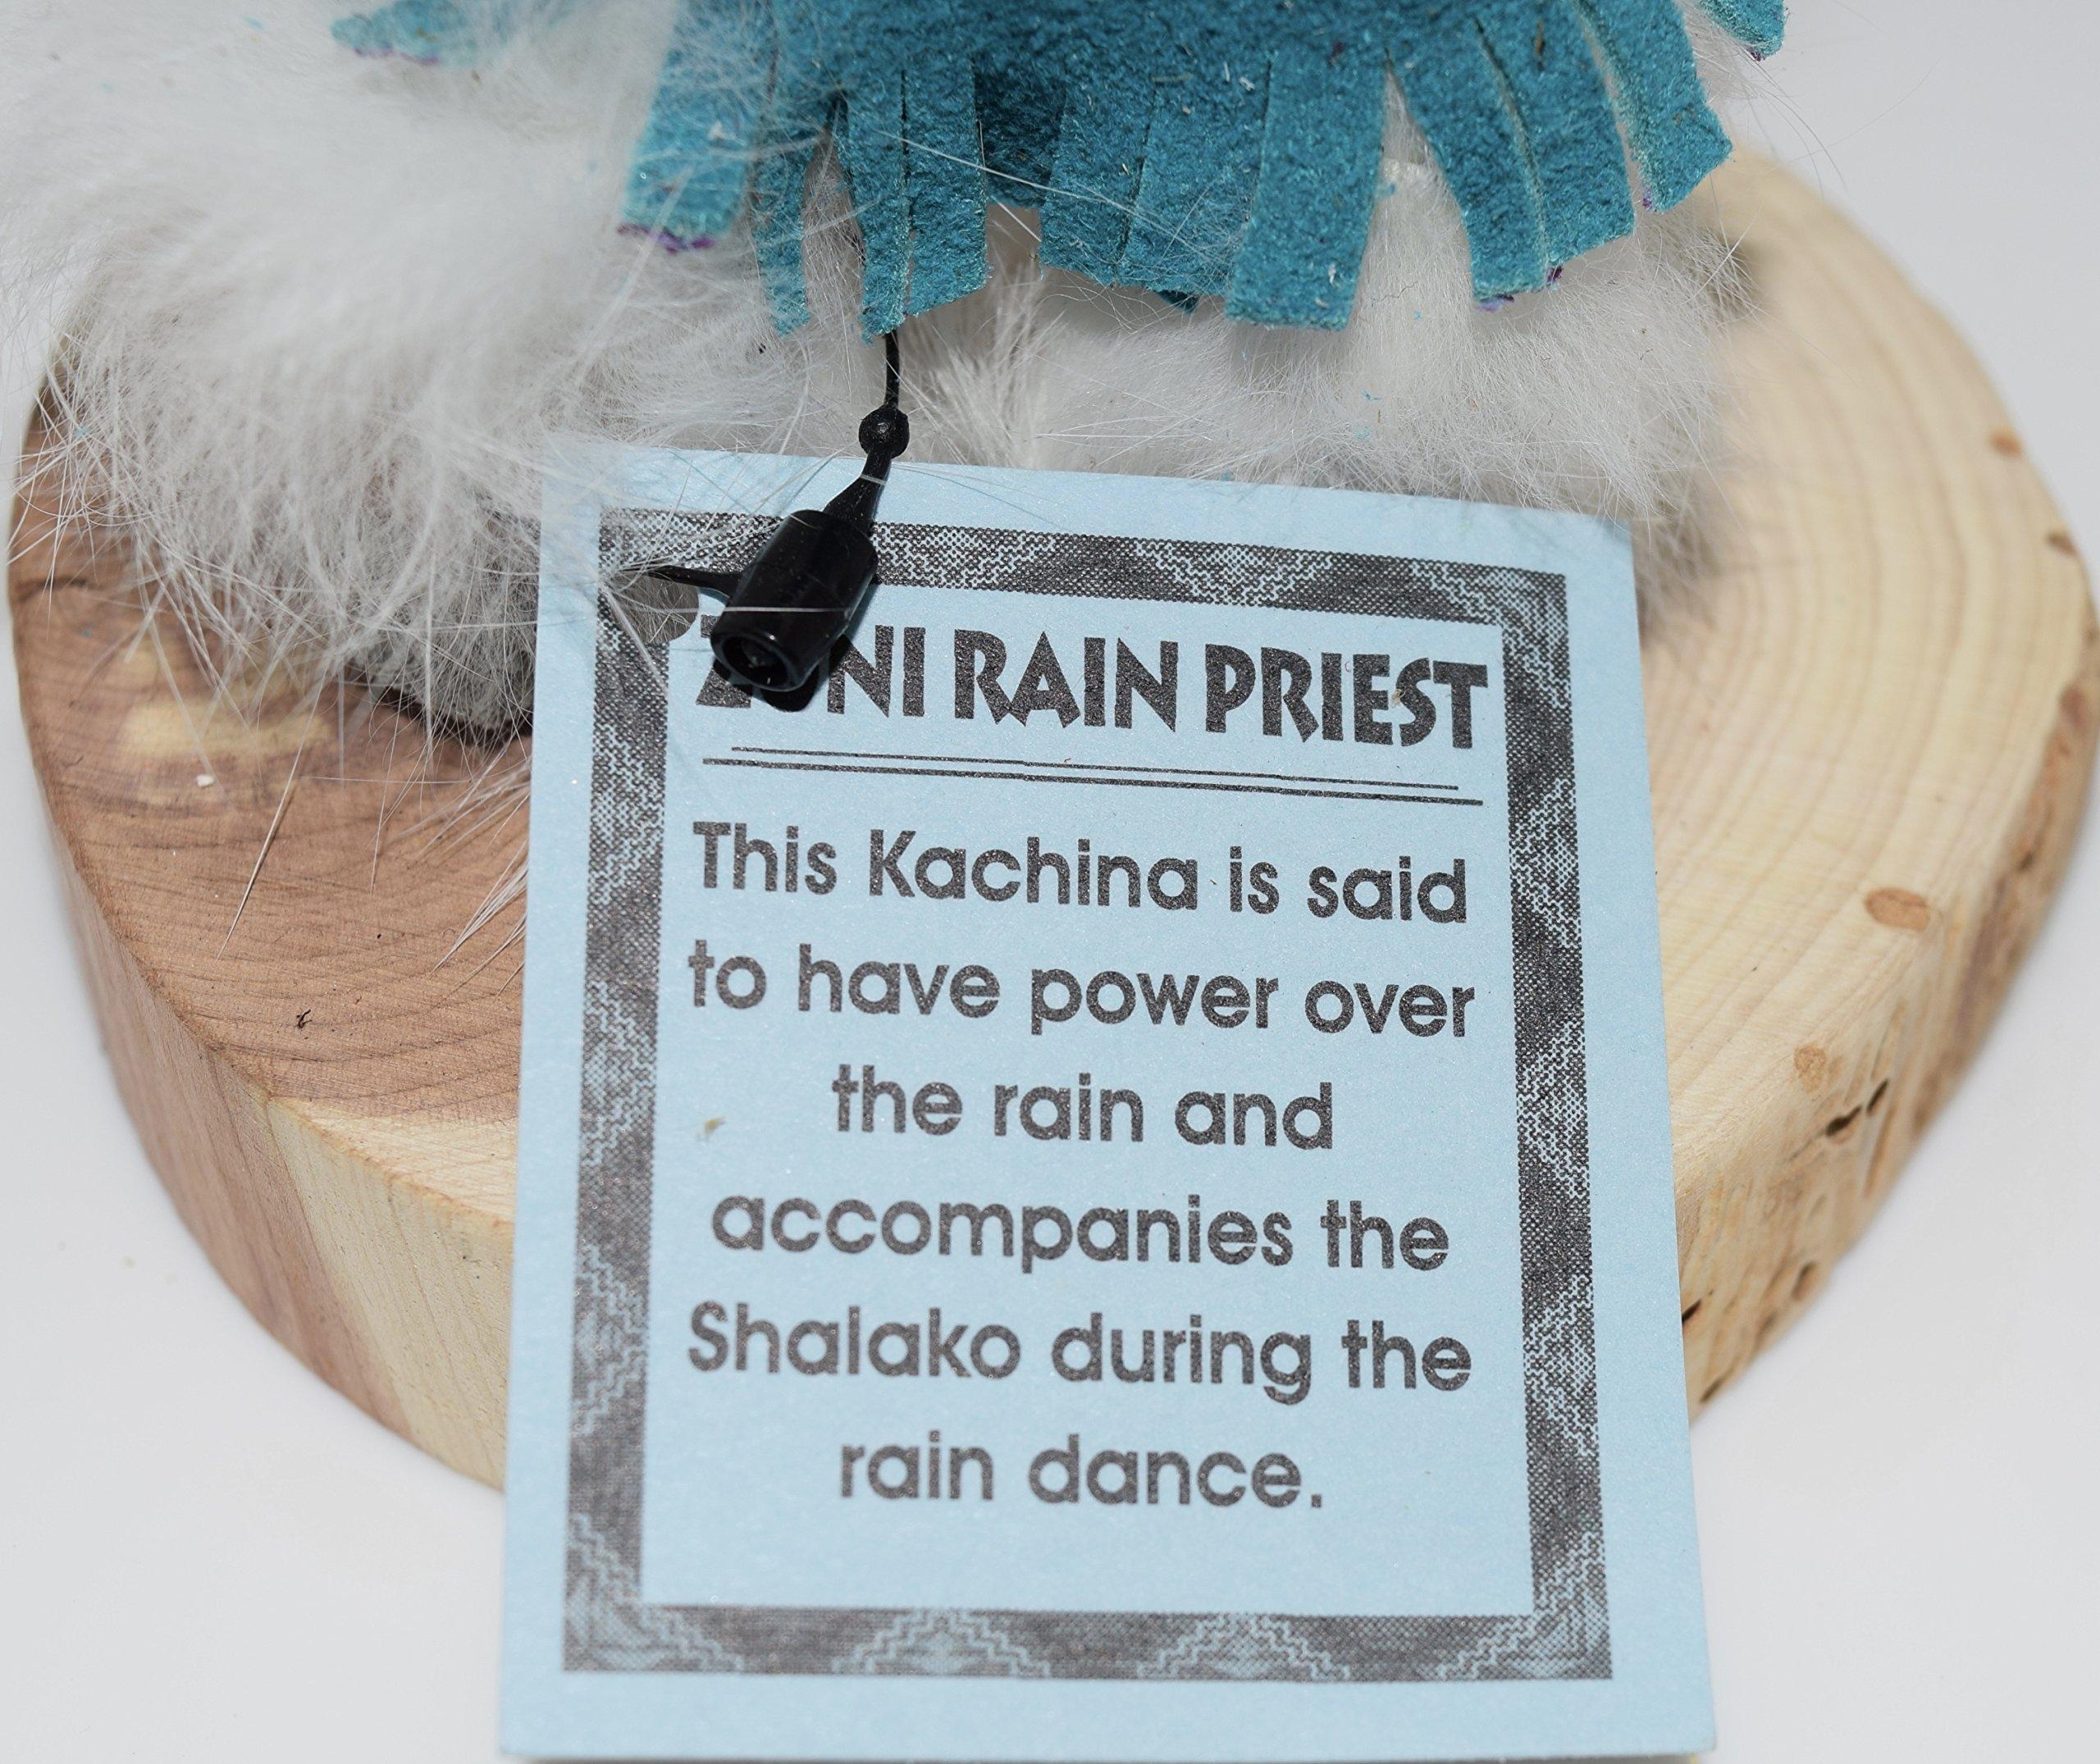 7 INCH Rain Priest Kachina by Kachina Country USA (Image #5)